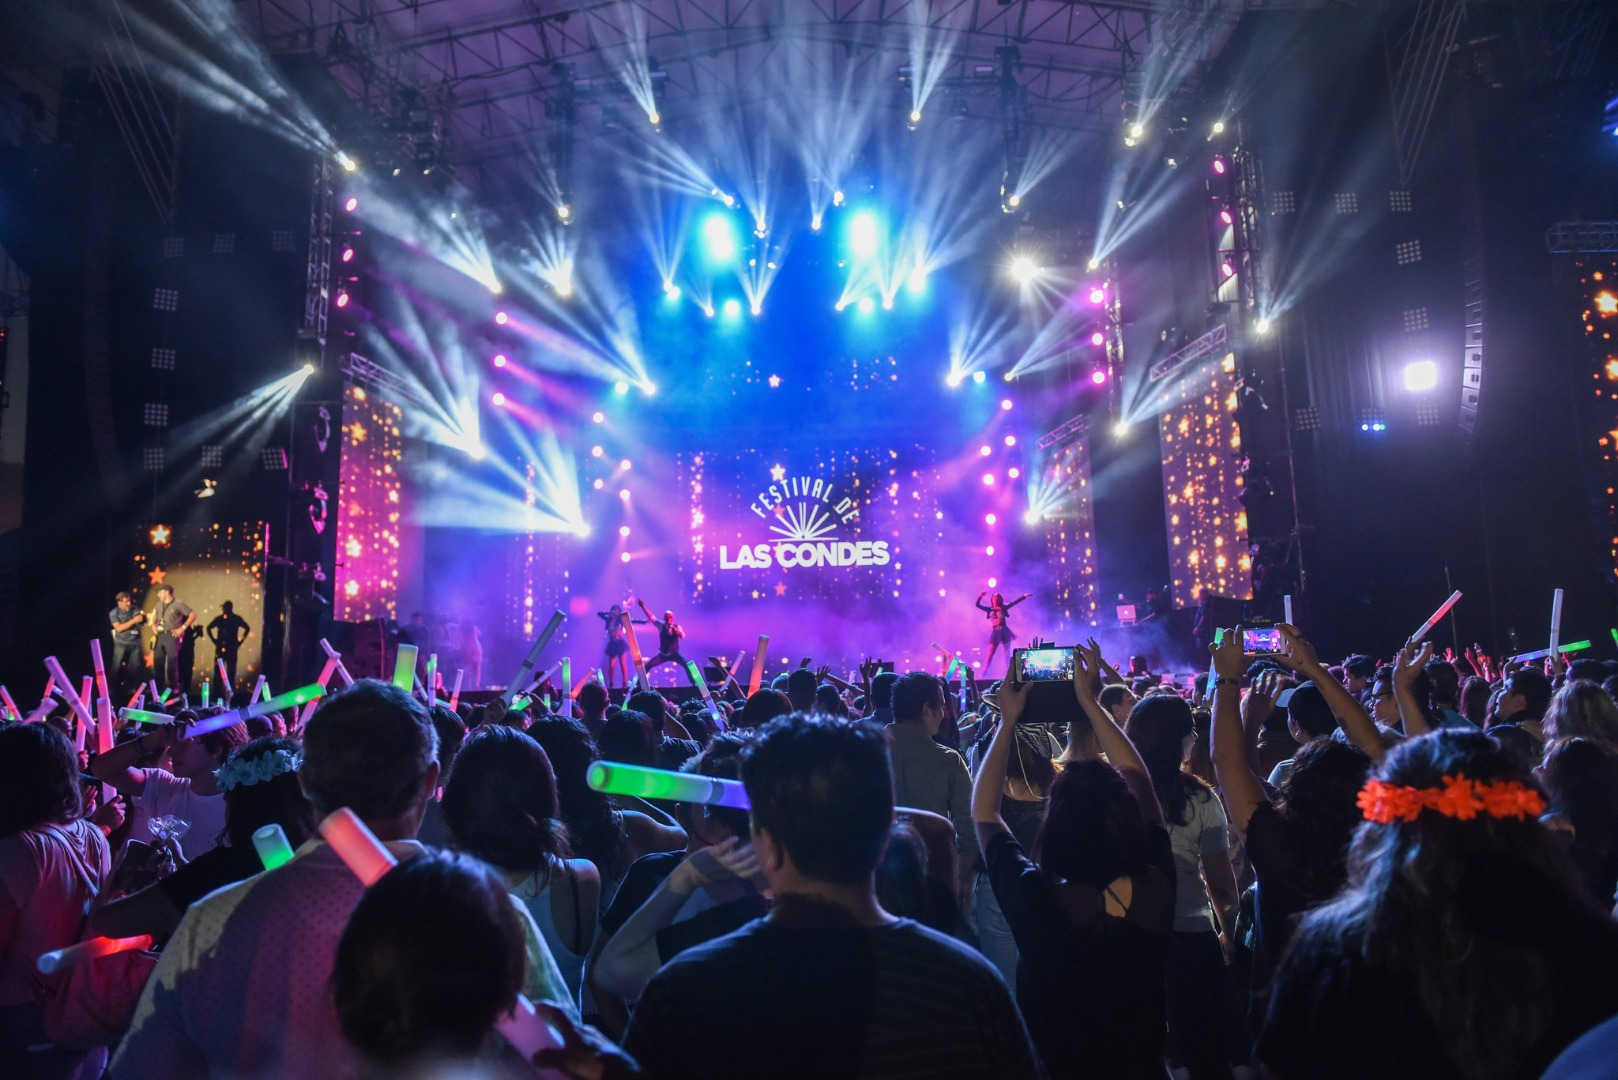 Festival Las Condes 2019